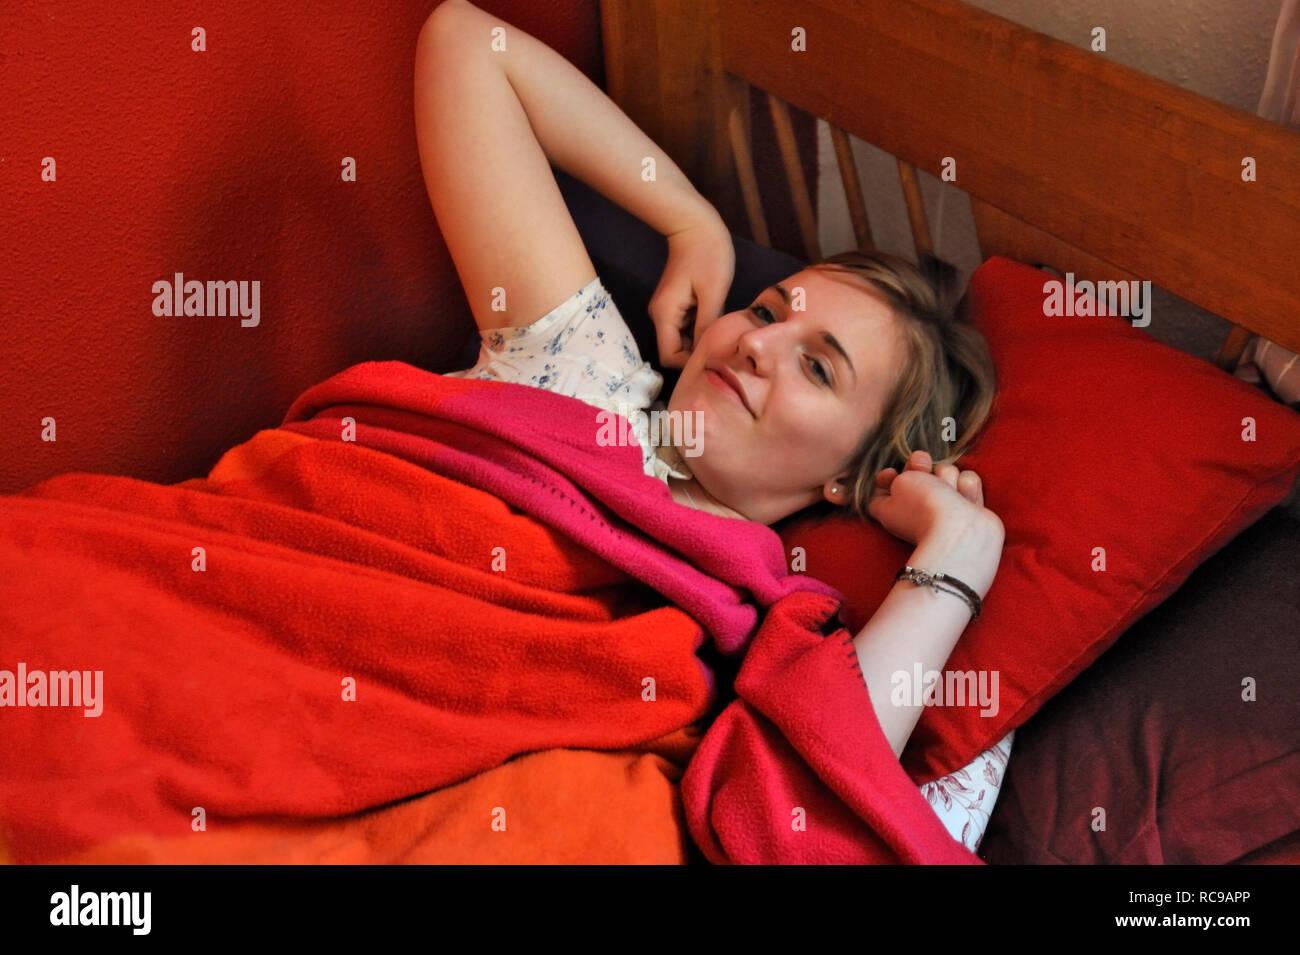 jugendliches Mädchen beim Aufwachen | young female teenager waking up - Stock Image